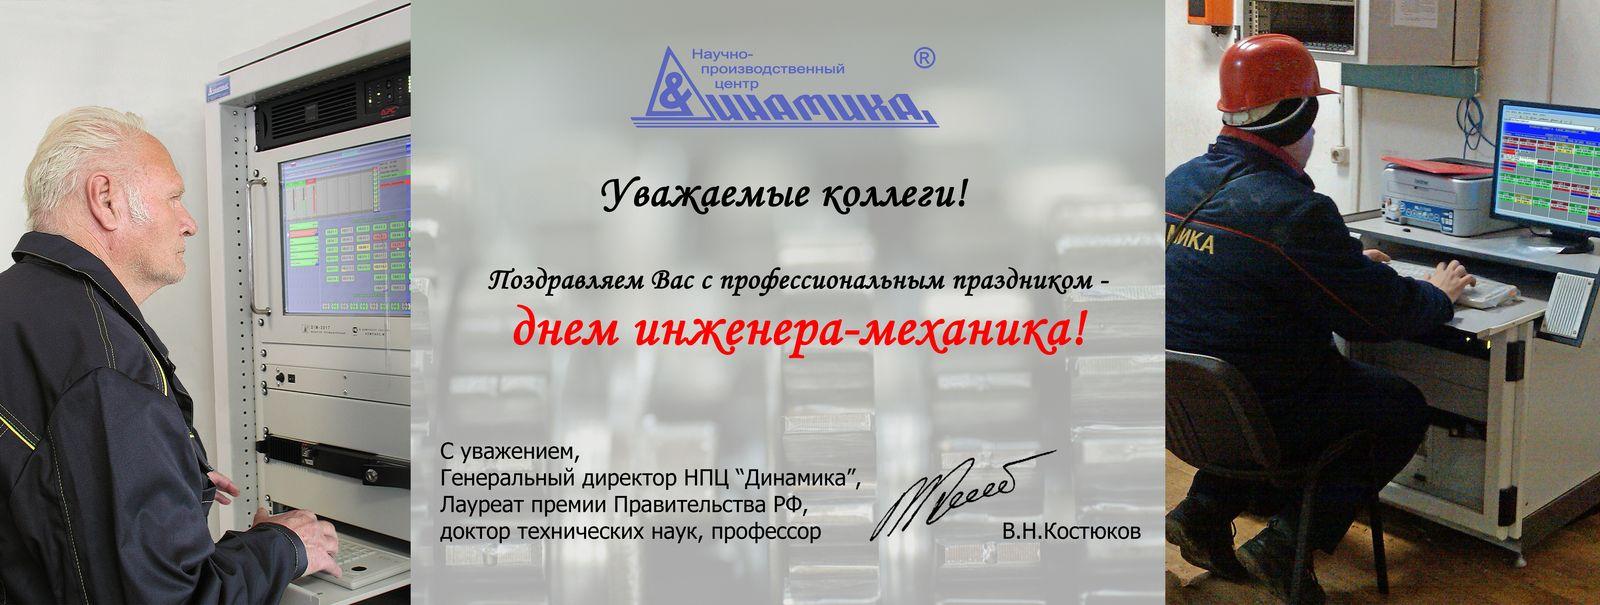 Инженеру поздравления 14